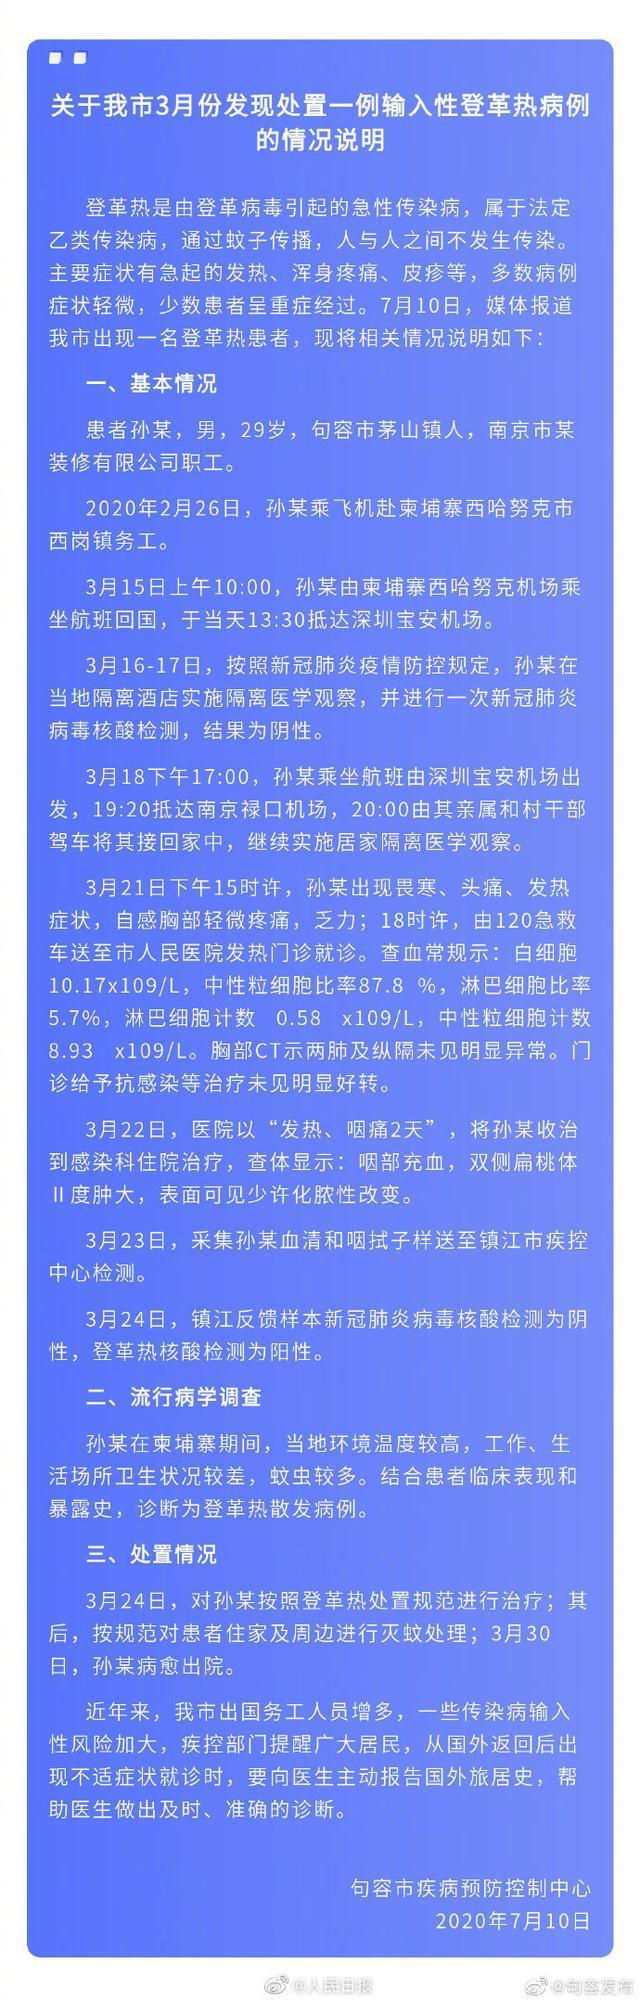 江苏句容出现1例登革热病例 登革